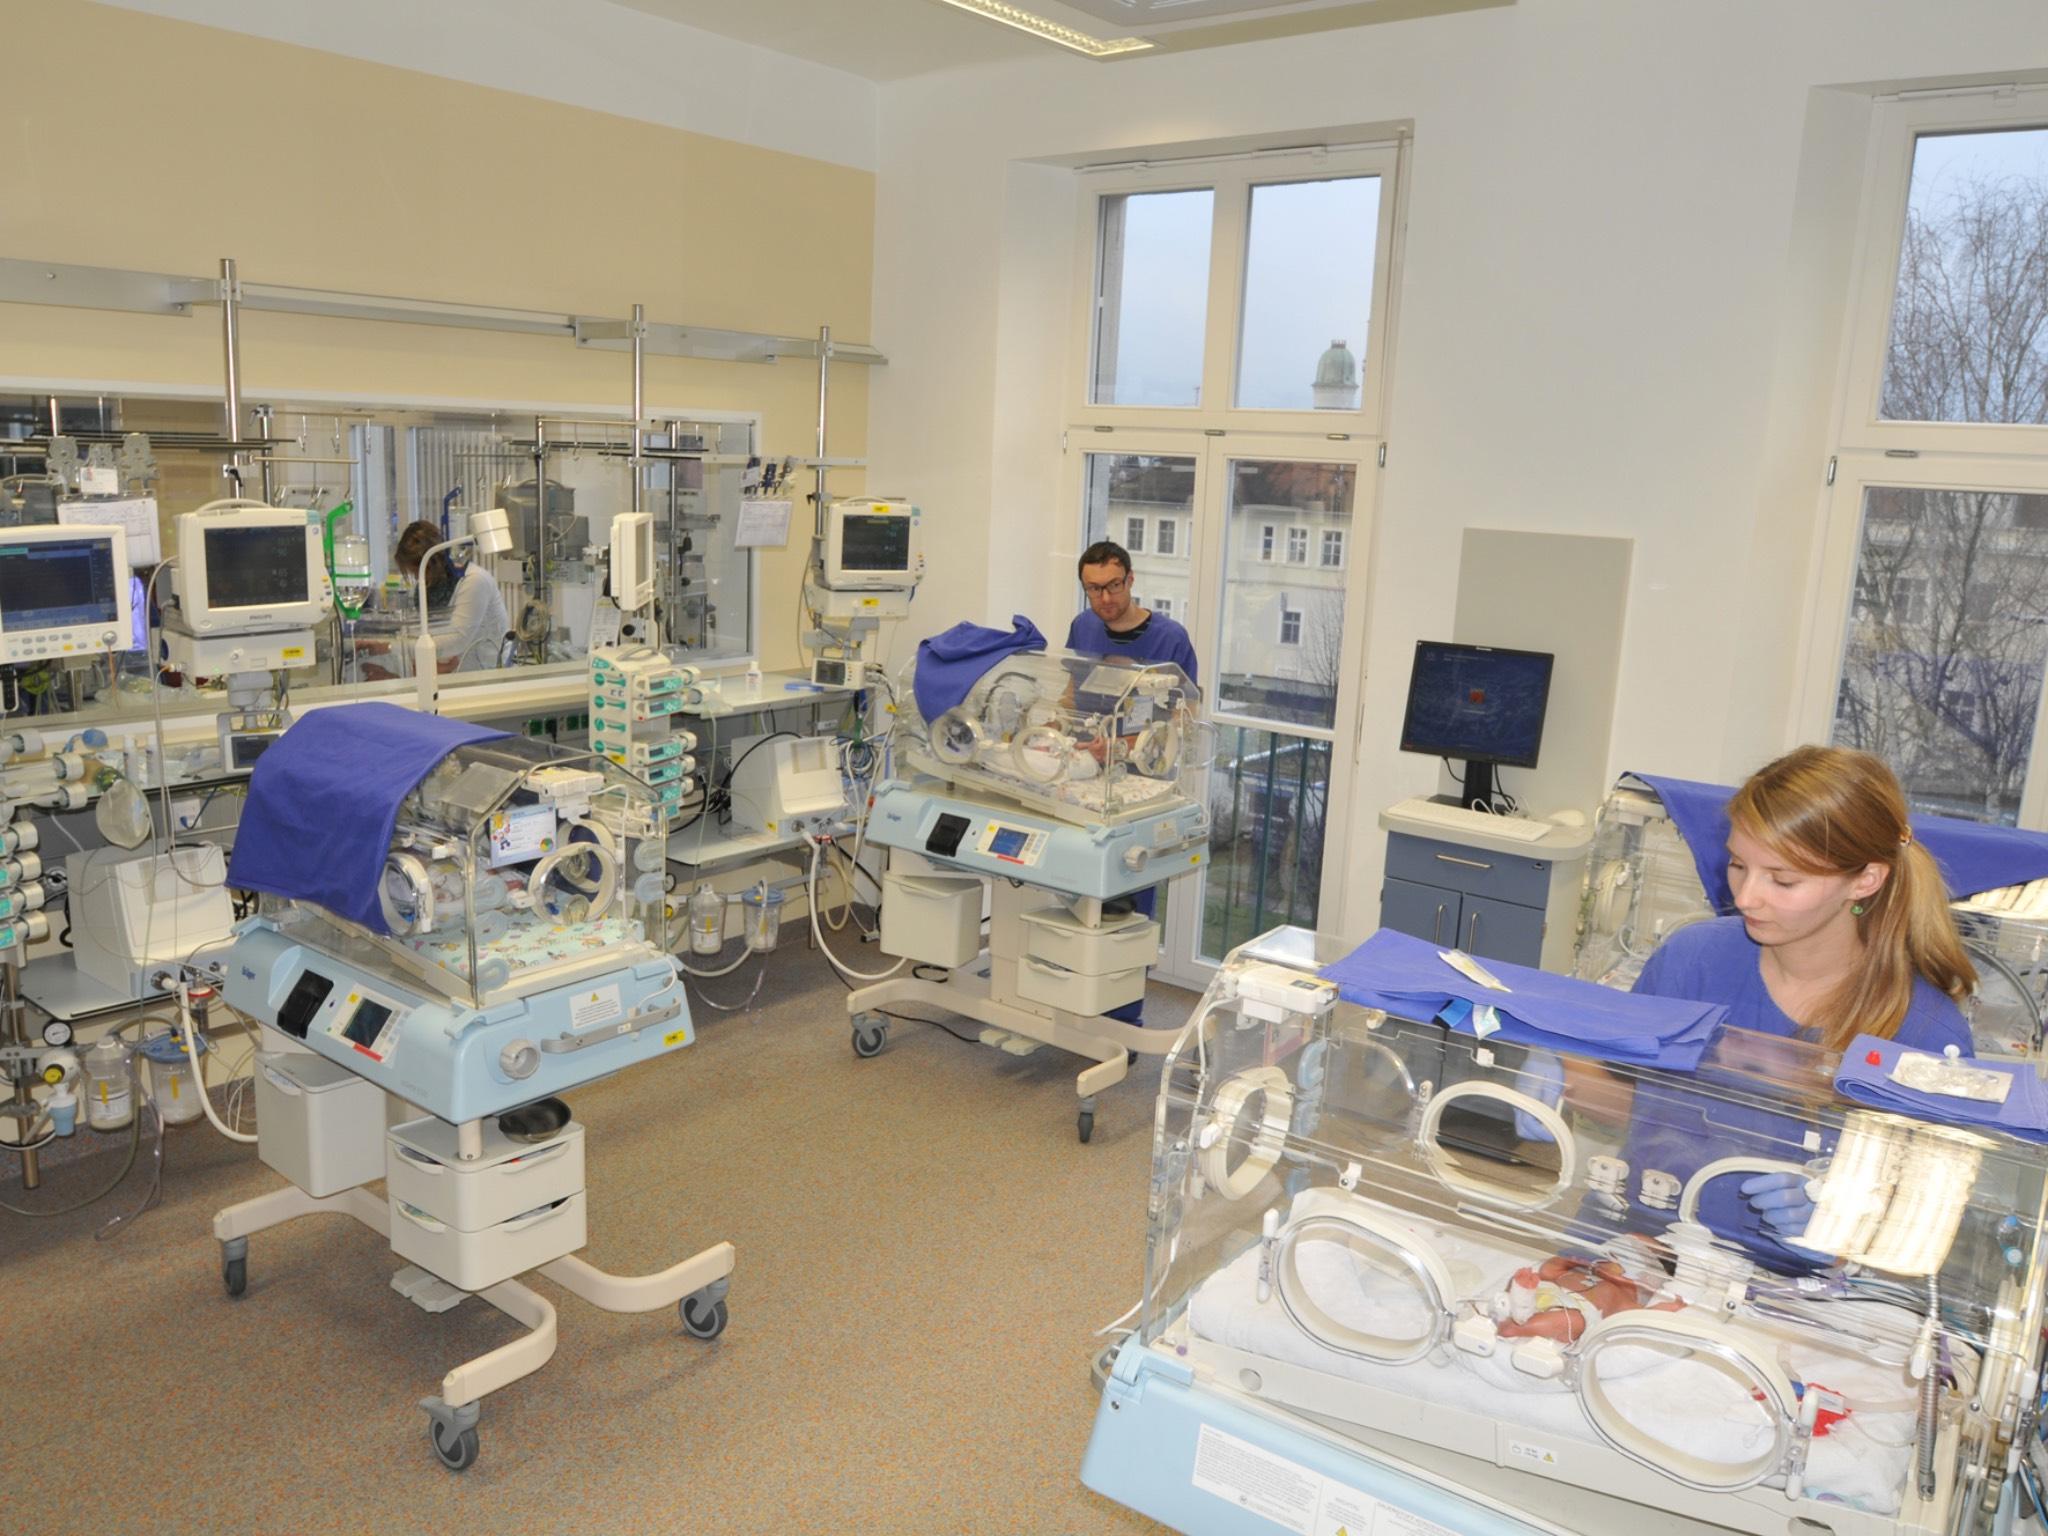 Die vor rund drei Jahre komplett umgestaltete neonatologische Intensivstation der Kinderklinik. Foto: Universitätsklinikum Würzburg